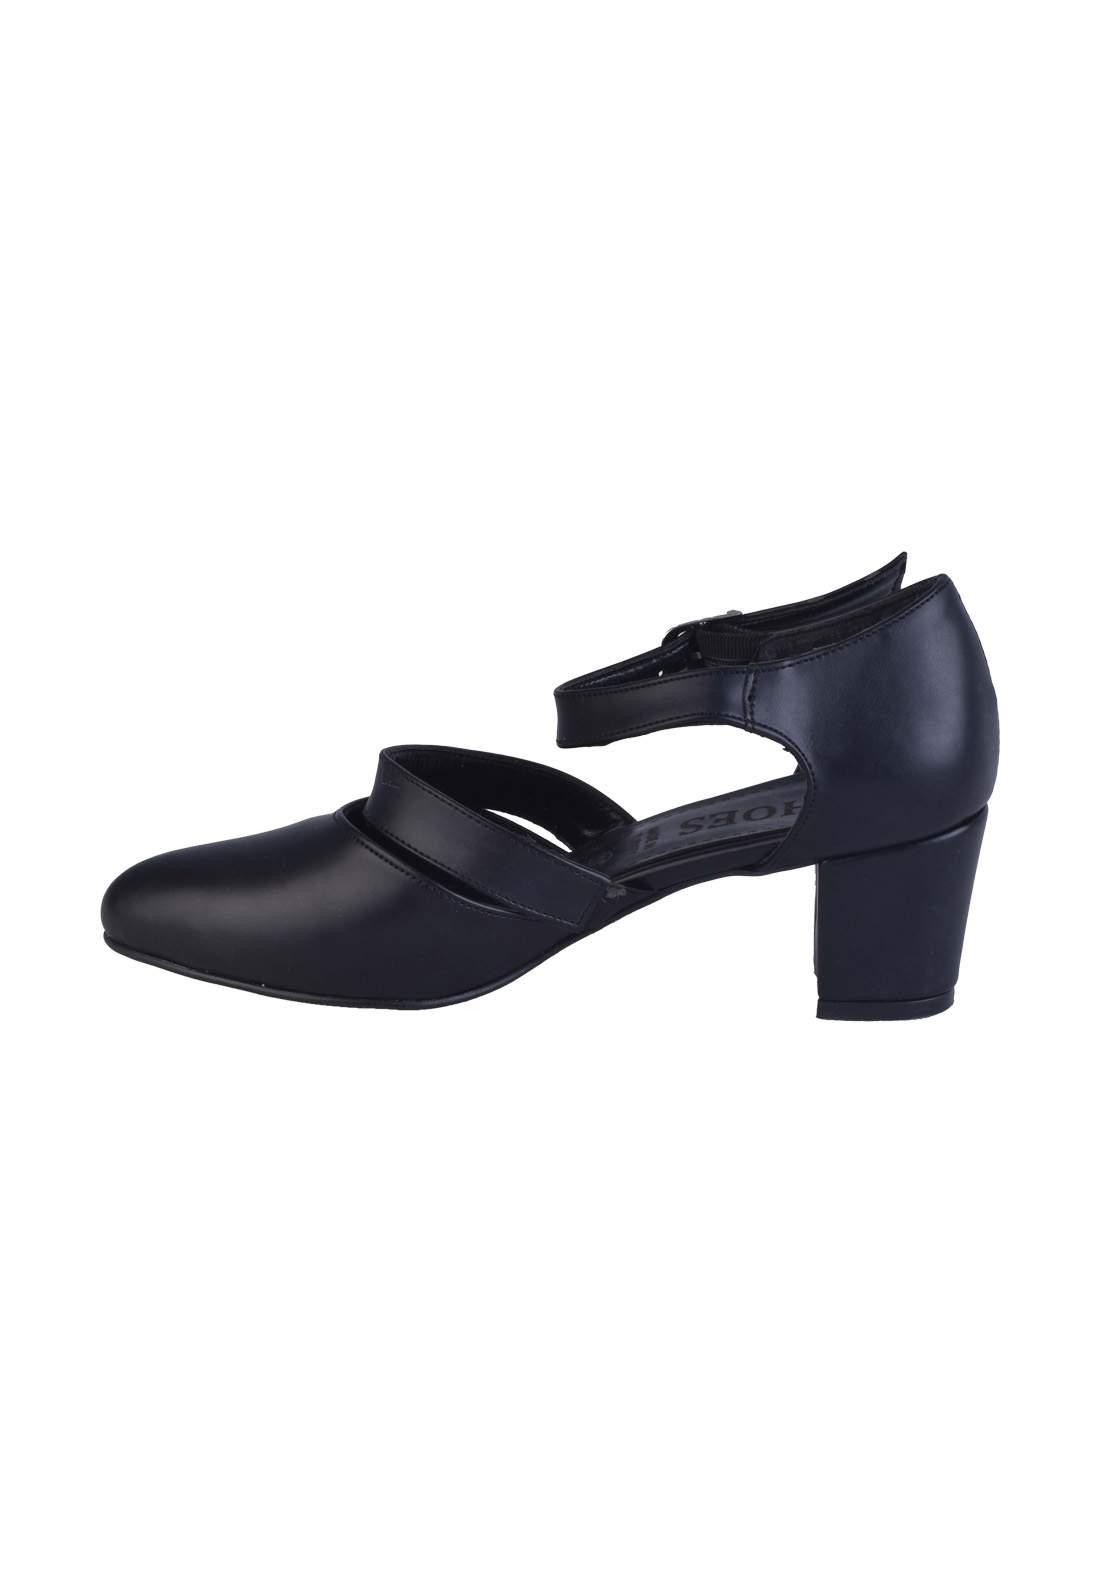 حذاء كعب نسائي اسود اللون